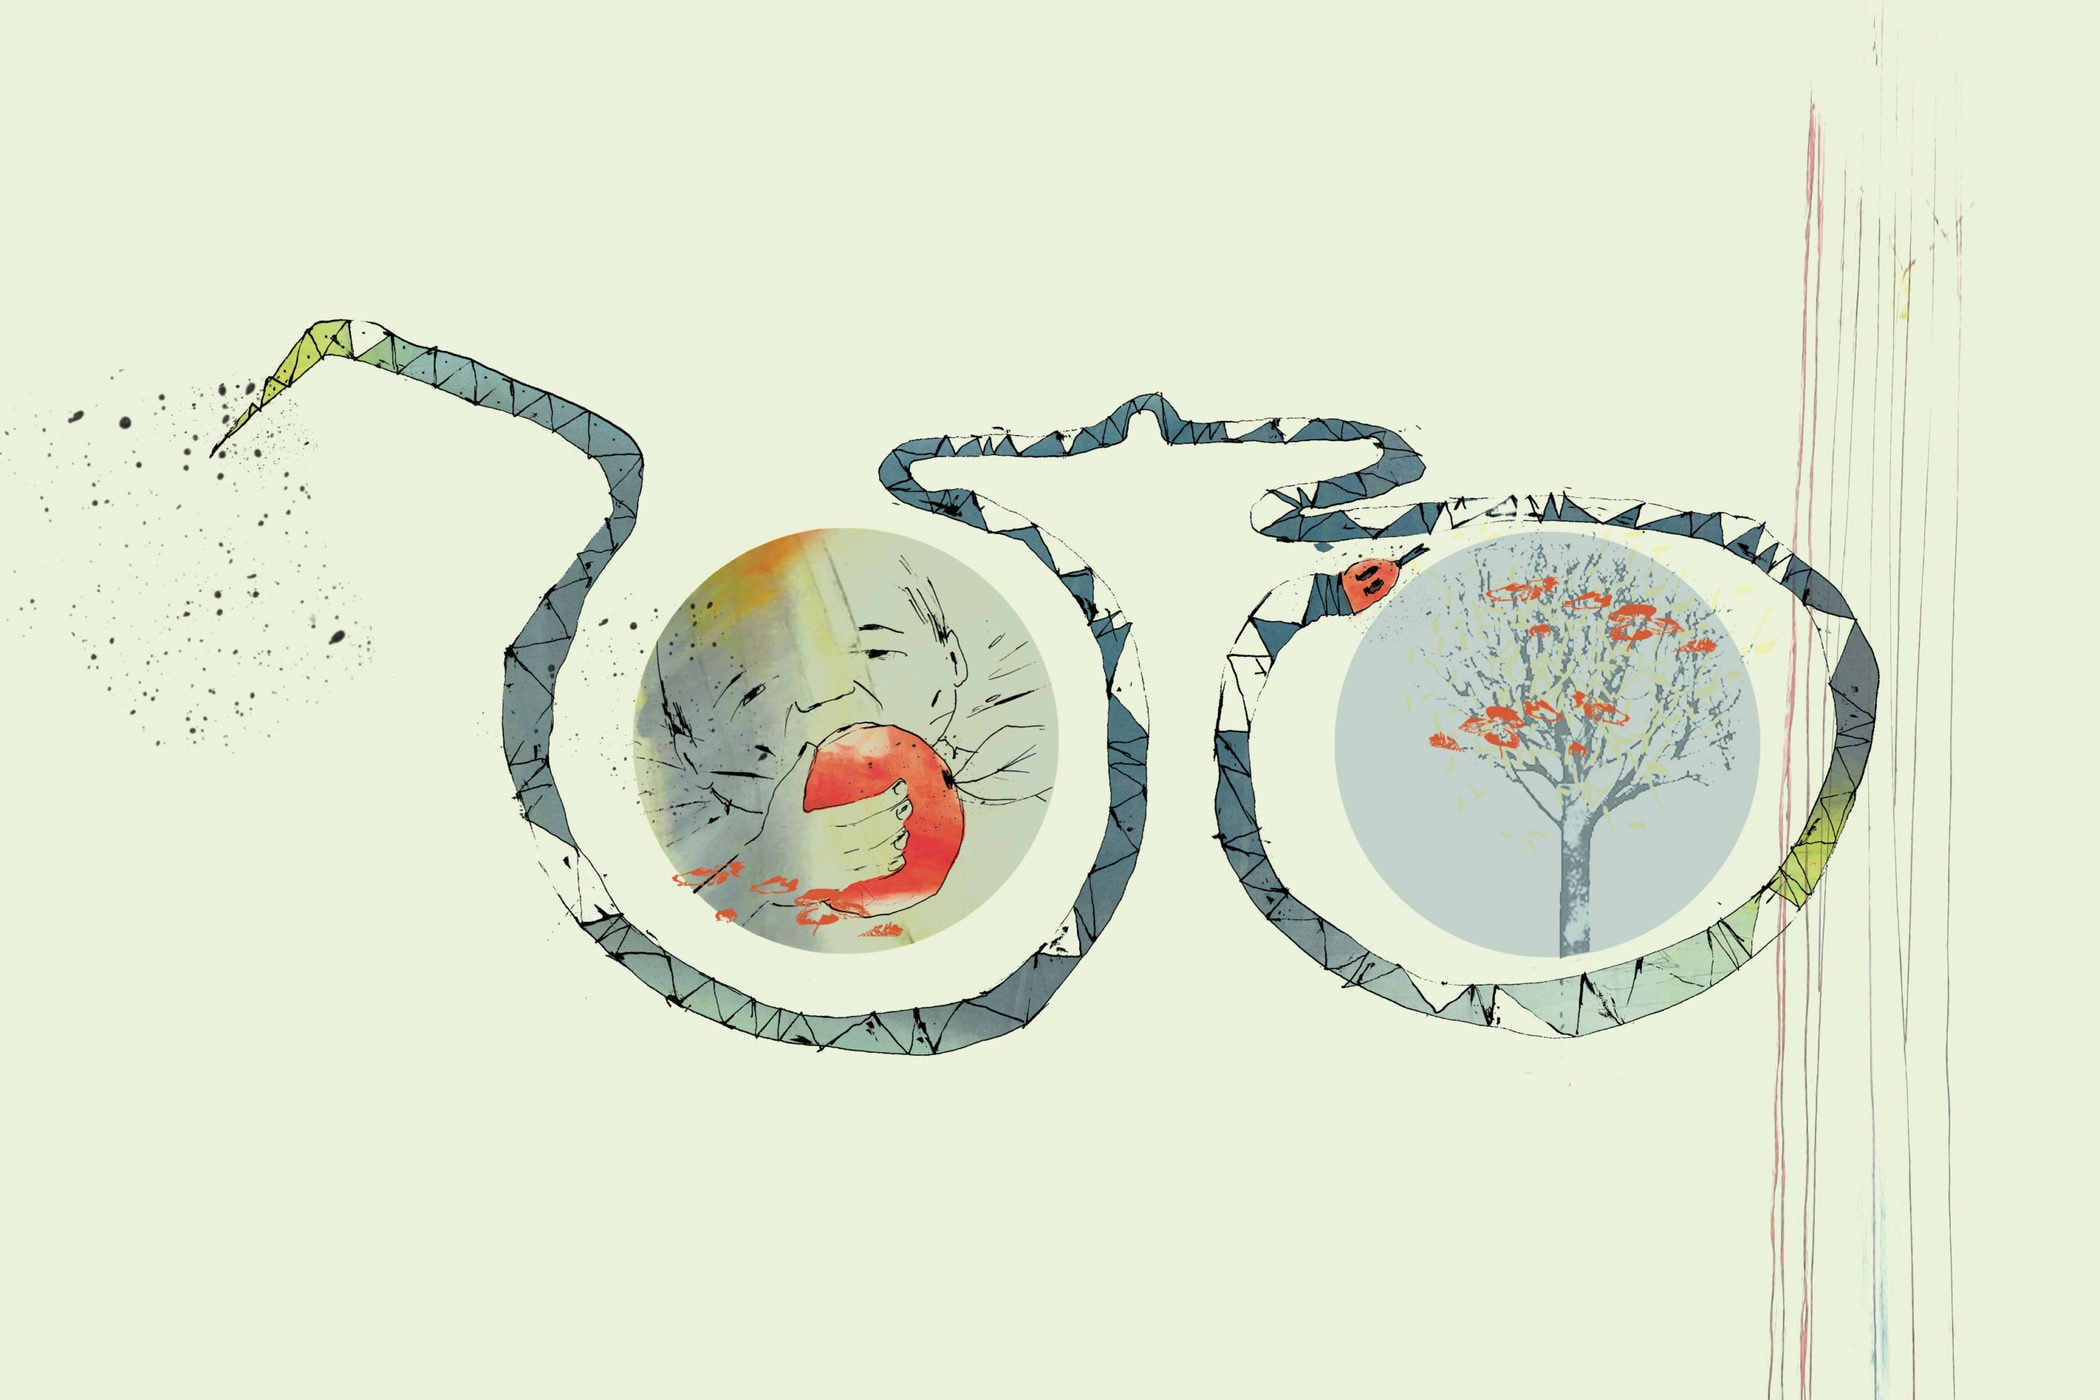 Paradisets Have. Fortælling af Jens Peter Madsen illustreret af Tanja Eijgendaal for Storybox.dk